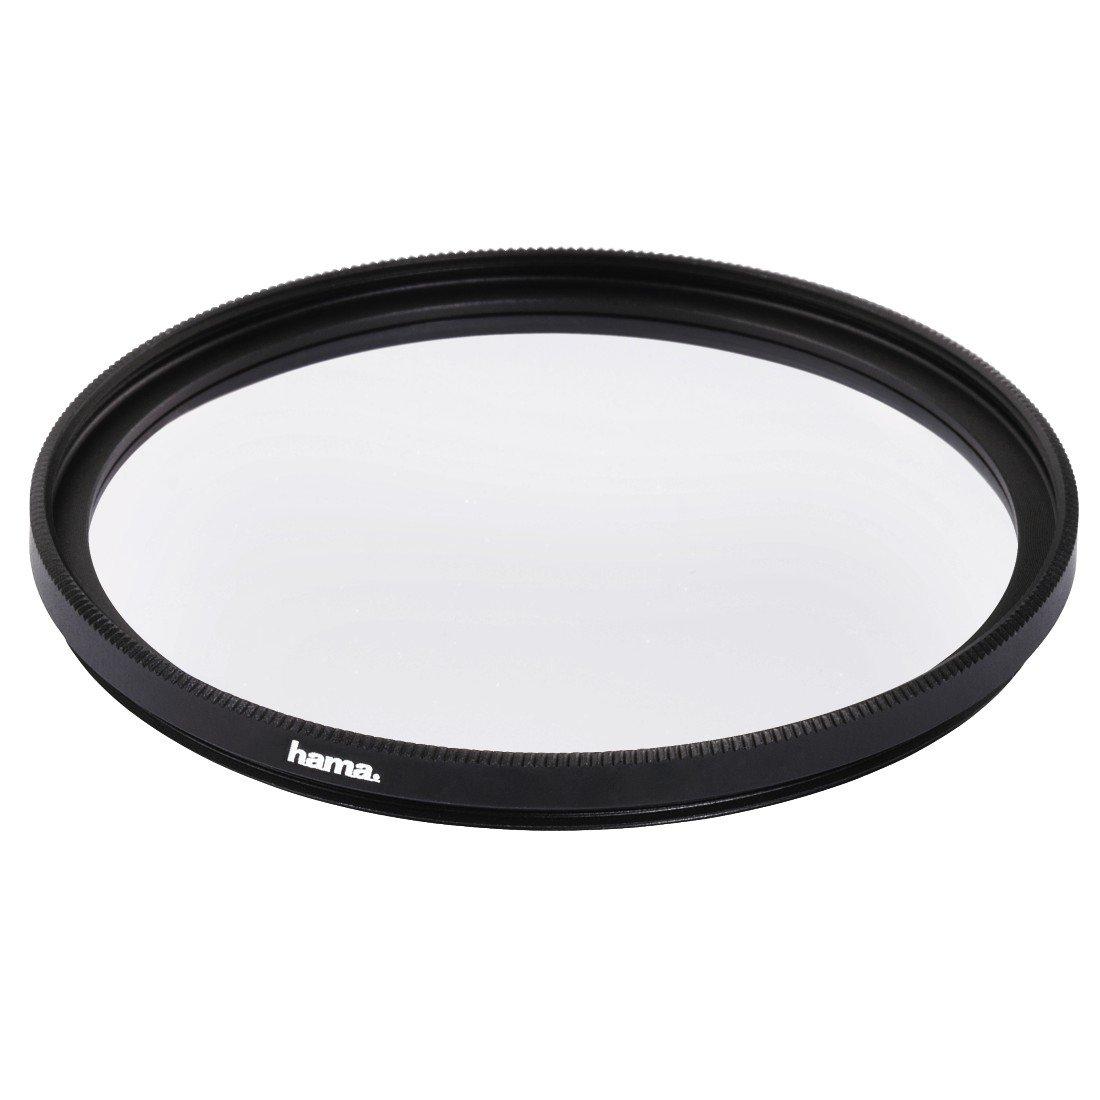 Hama Filtro UV 390, Diametro 62, Nero